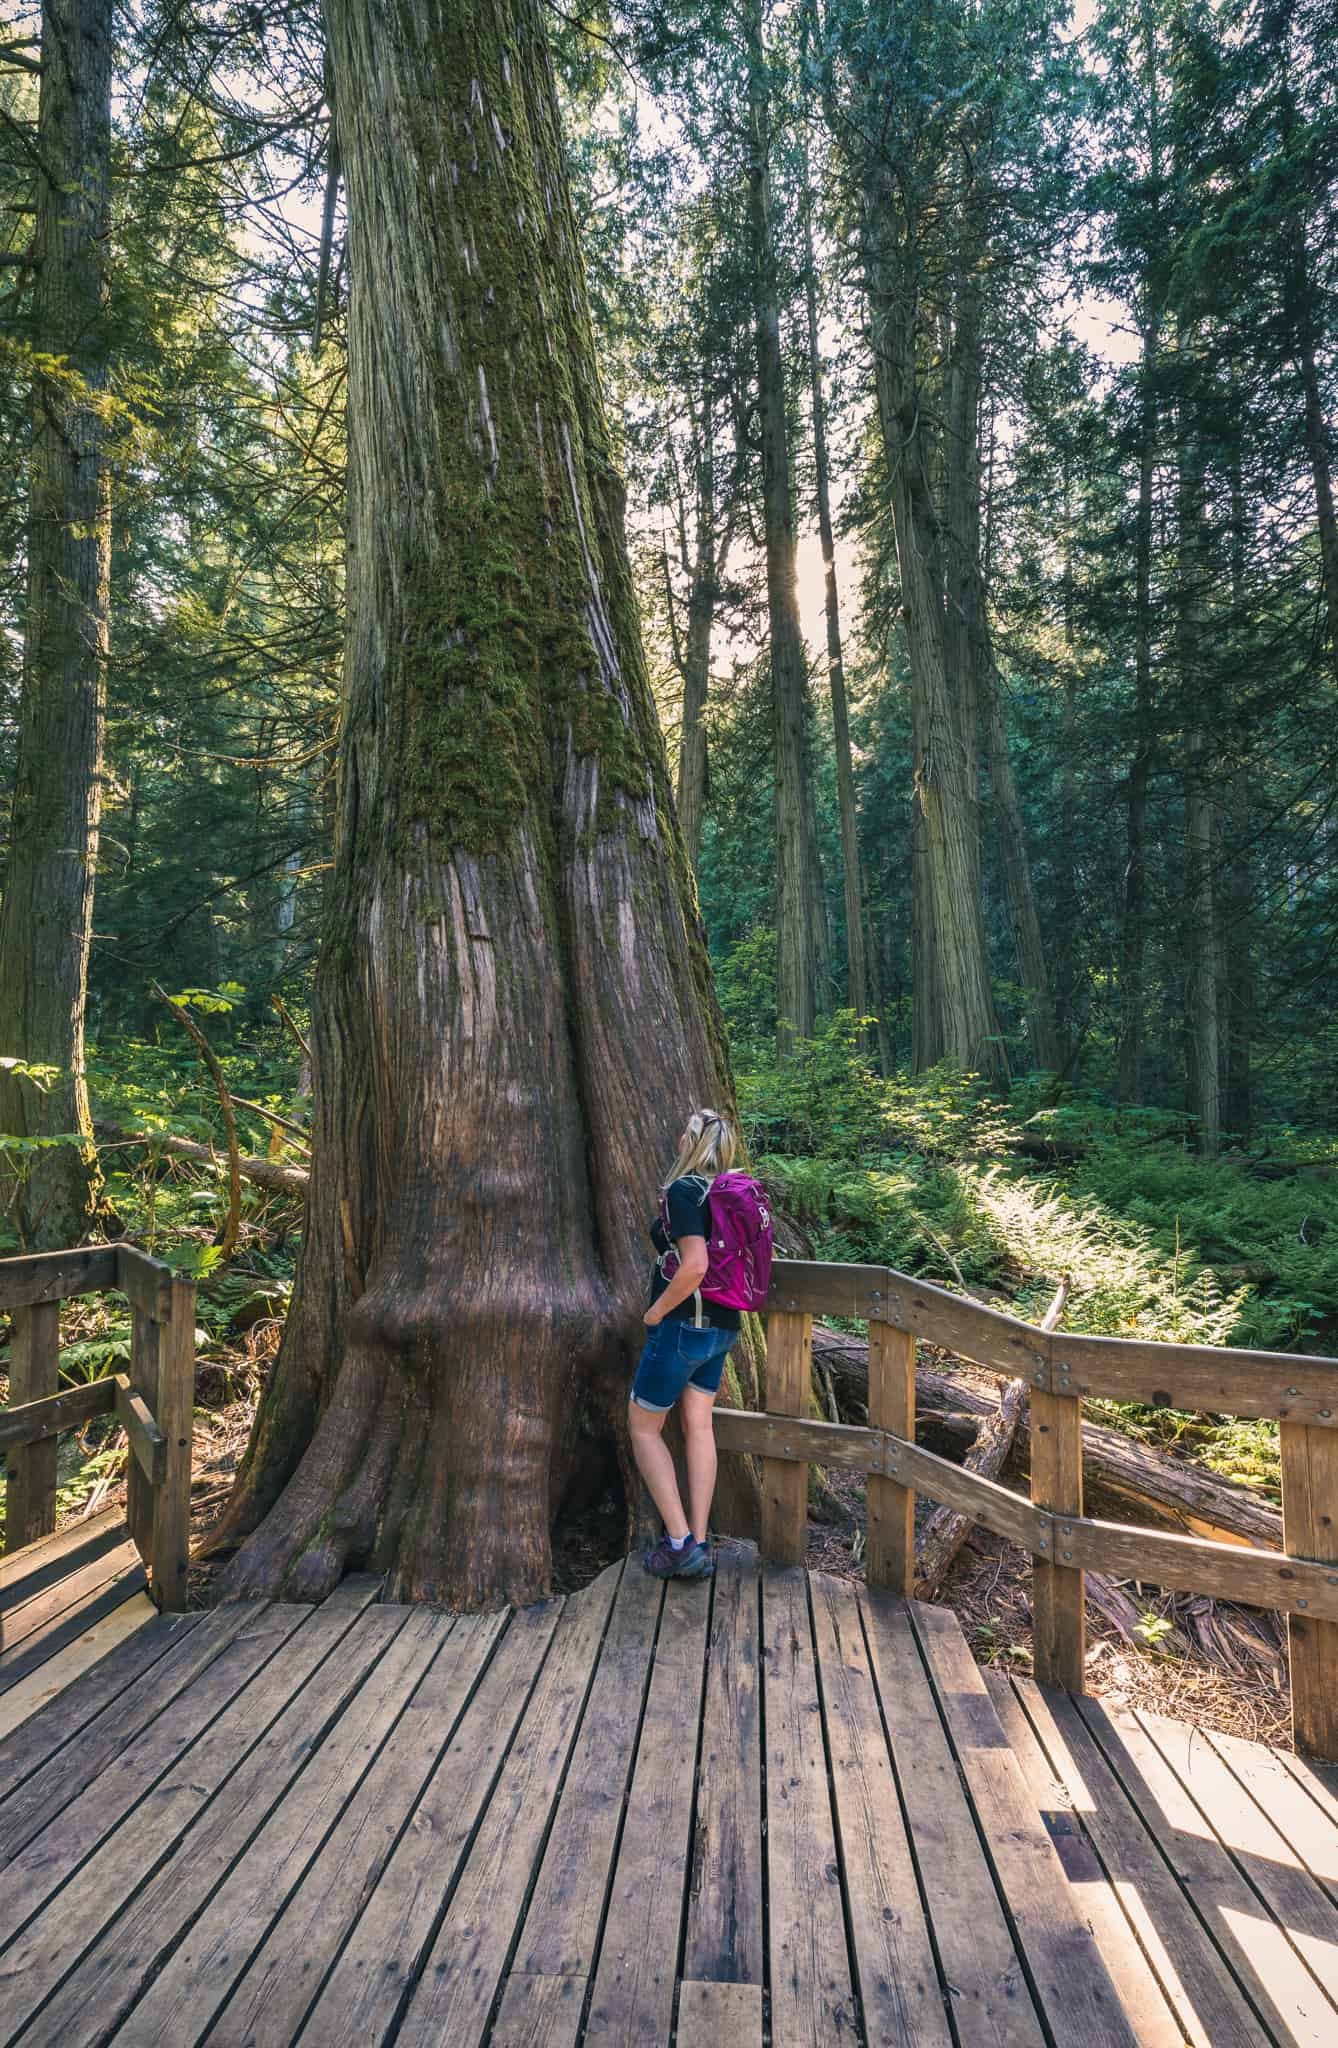 Giant Cedars Boardwalk Trail Revelstoke Old Growth